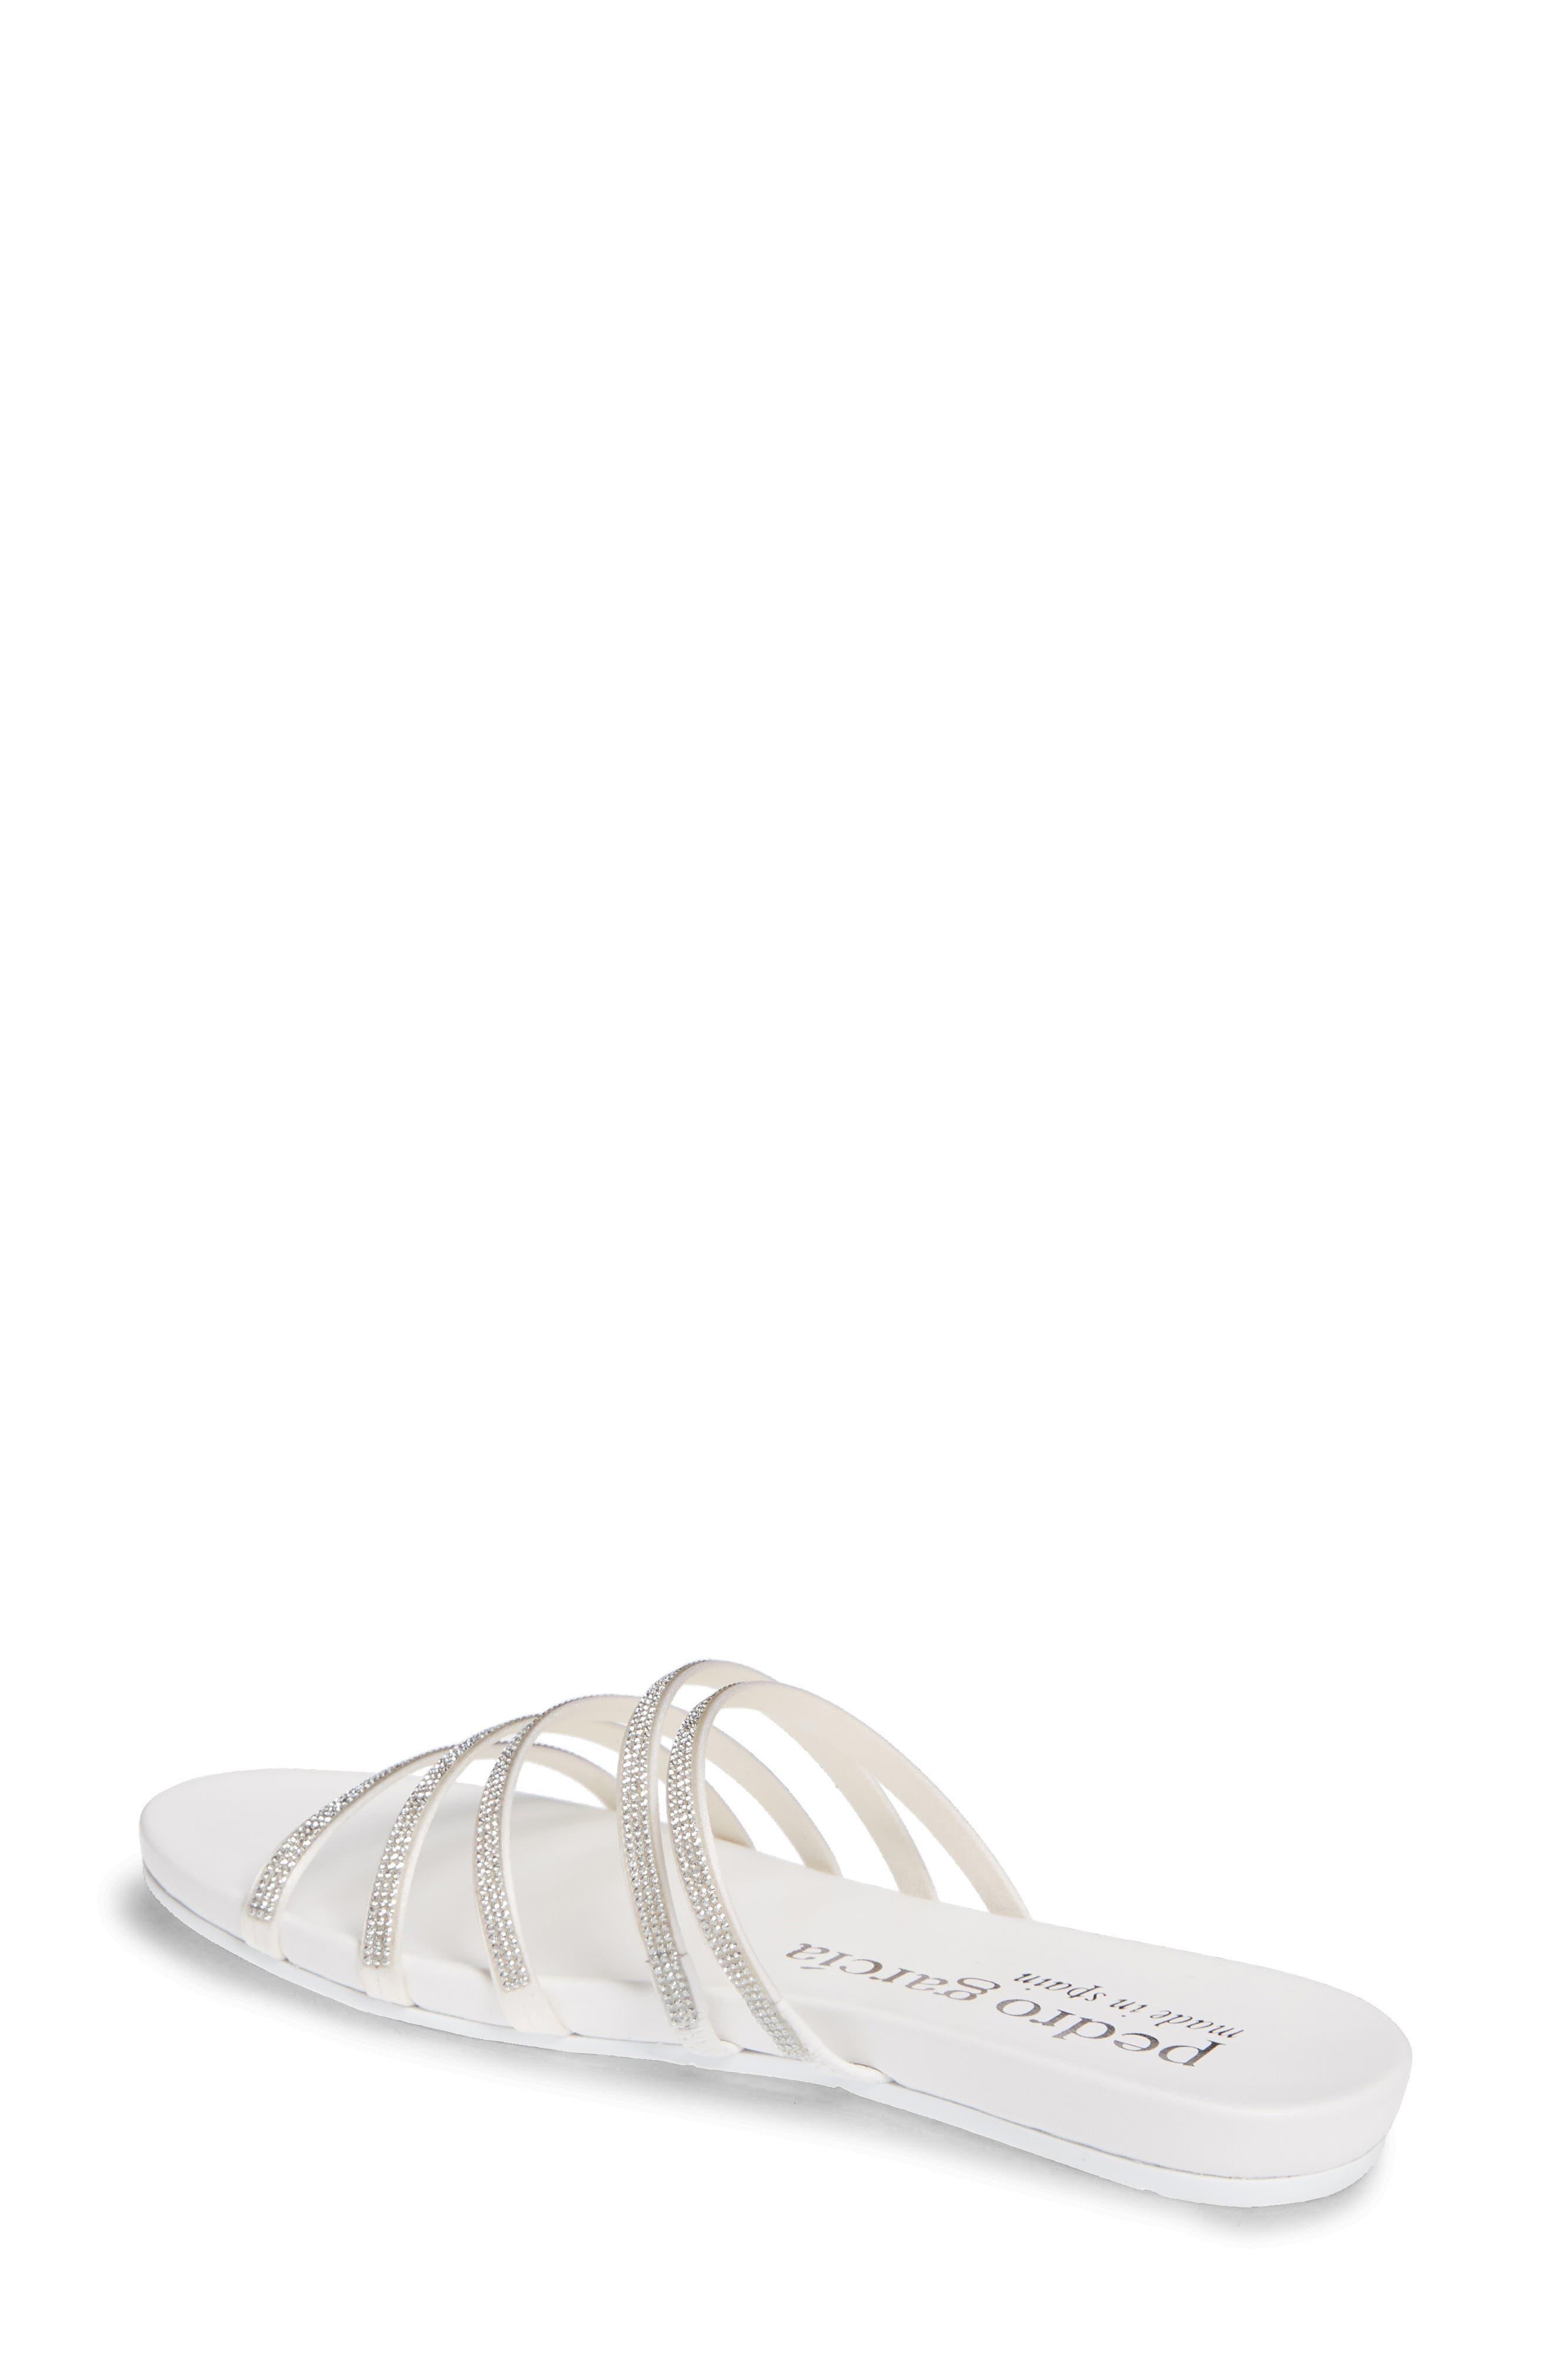 c5a1cad78fc2 Pedro Garcia Women s Shoes